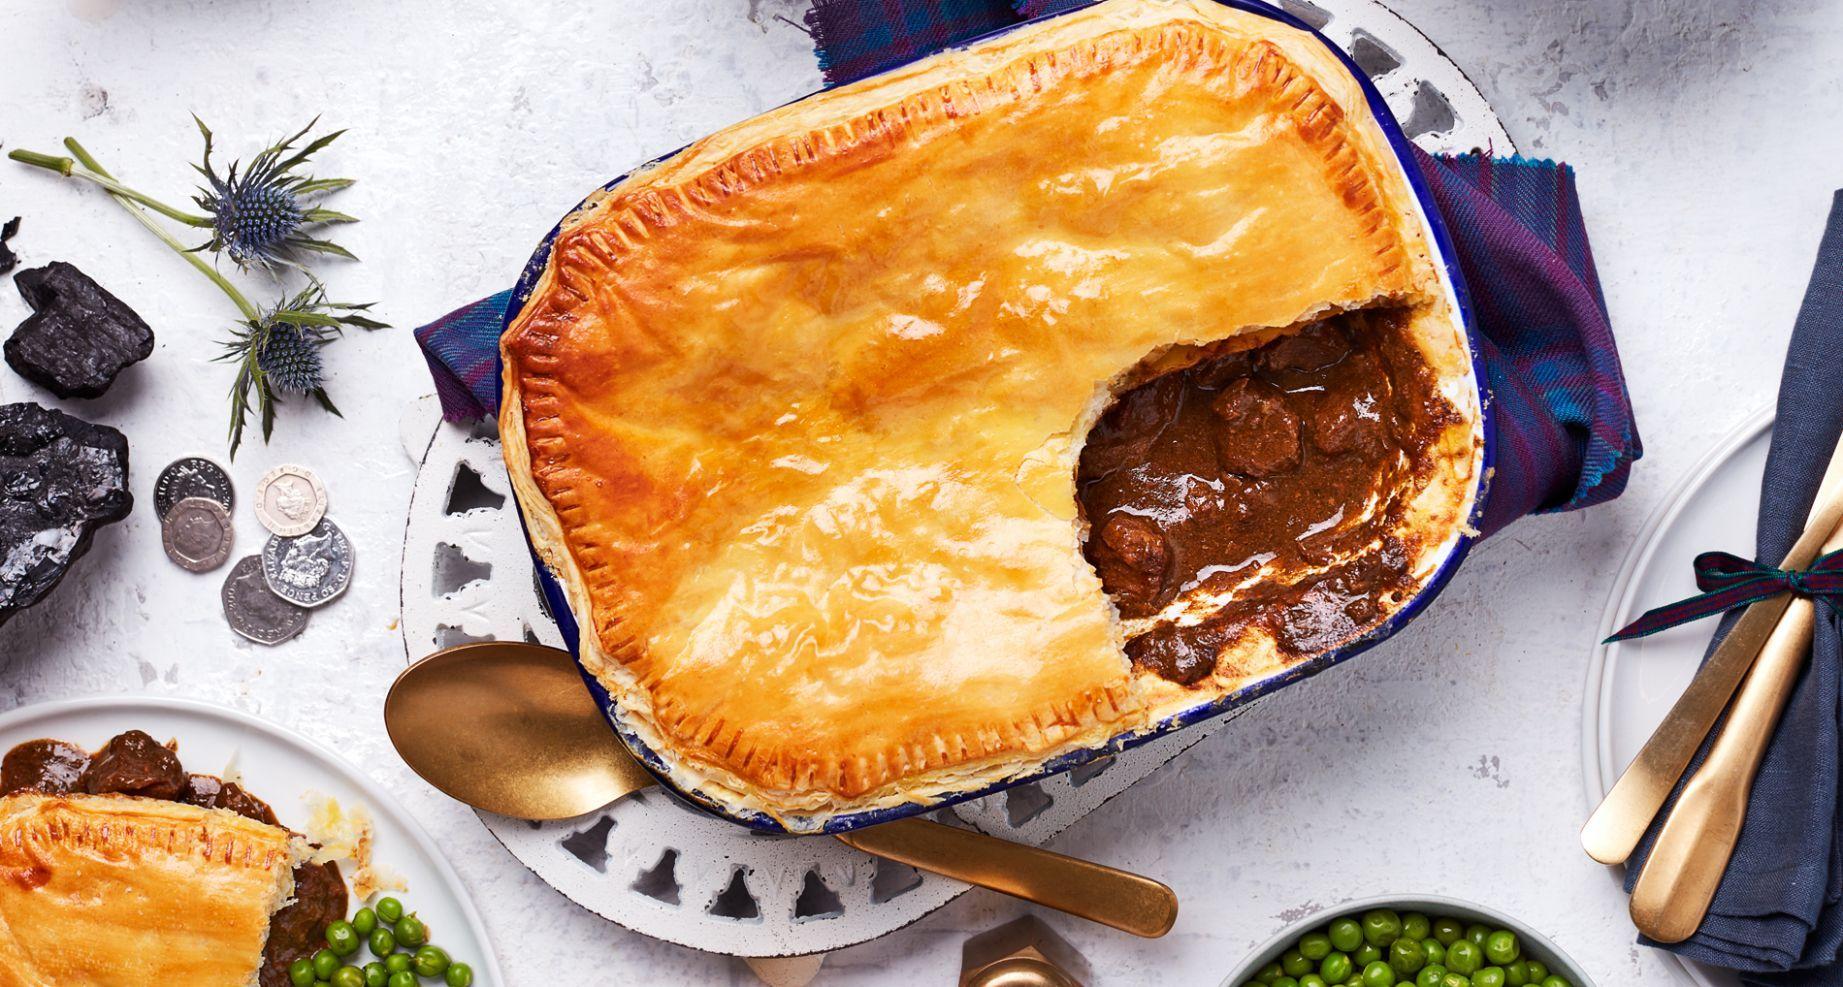 Recipes Beef Pie | Steak pie recipe, Steak pie, Pie recipes